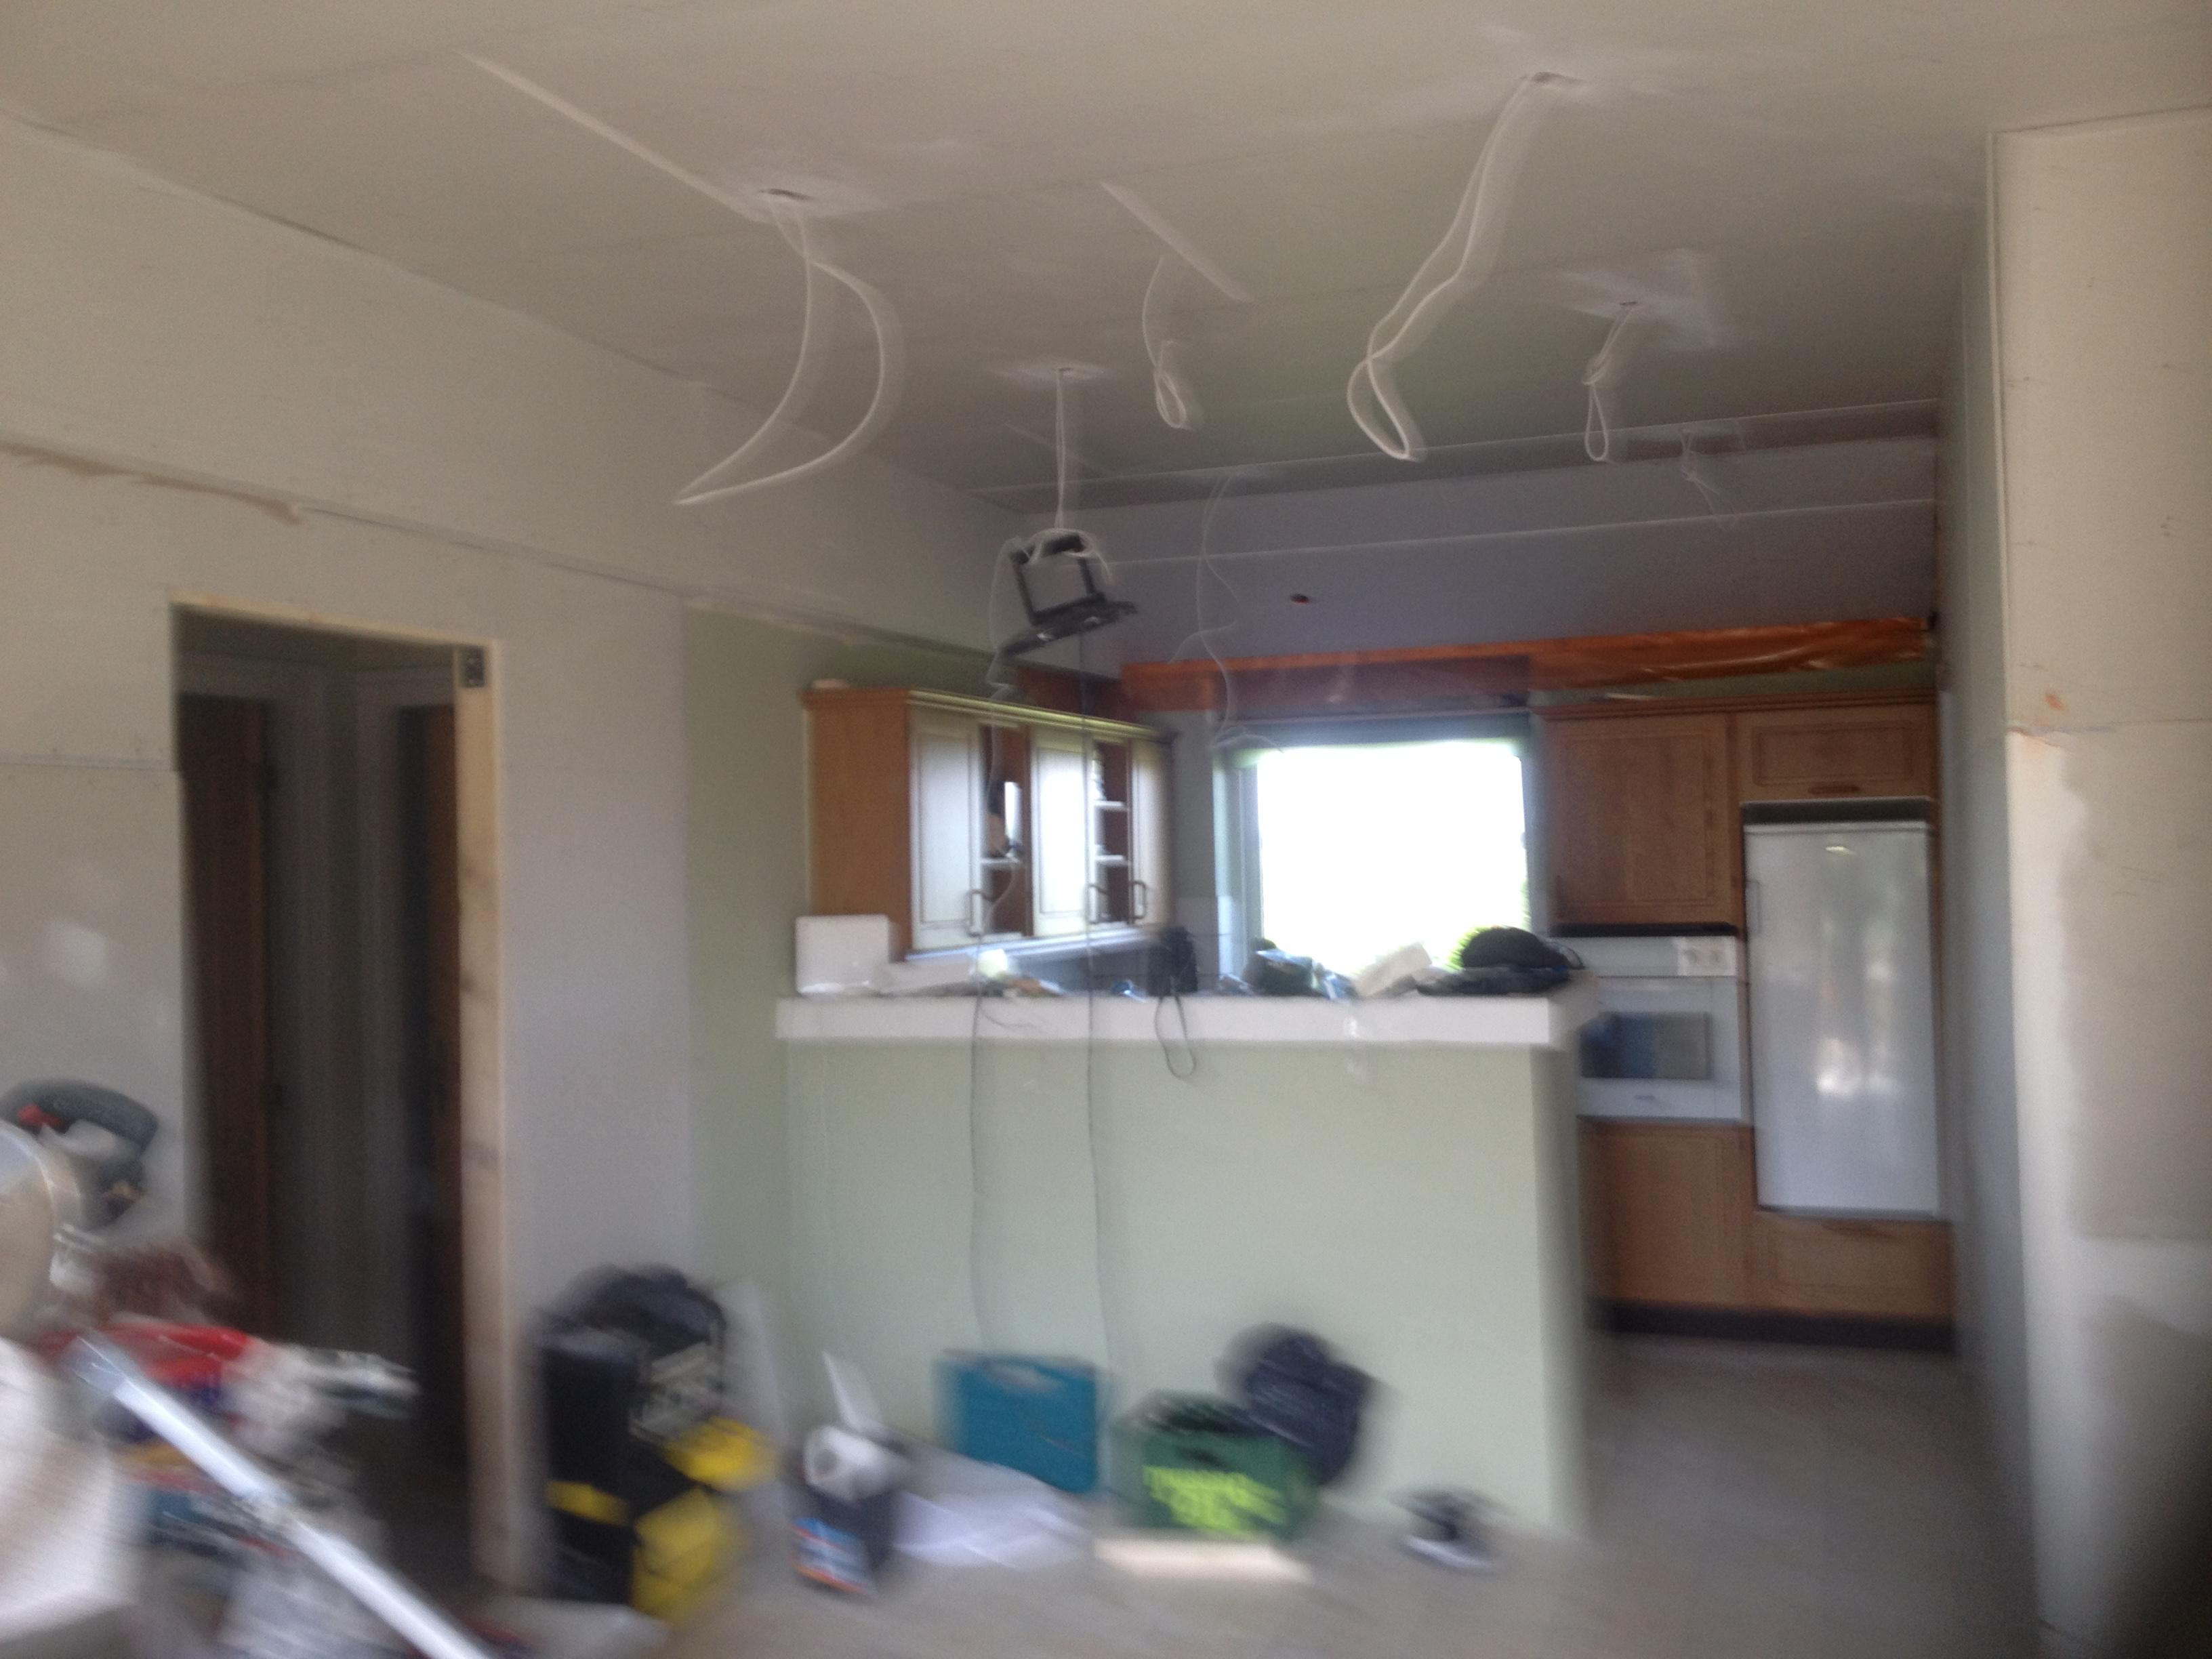 Renovering af køkken - i gang.